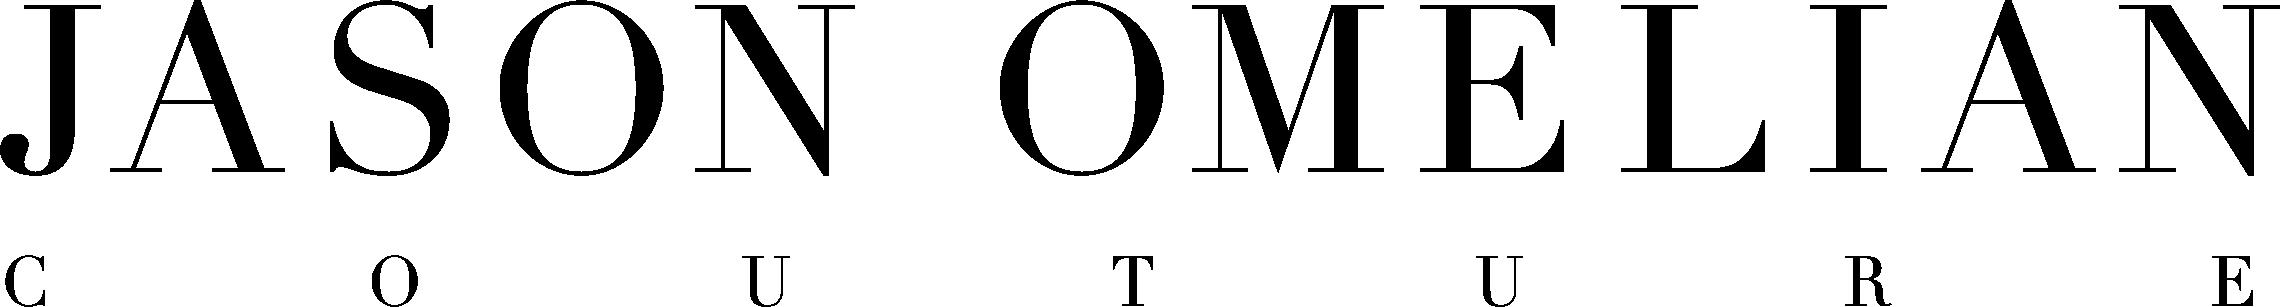 jason-omelian-logo-name